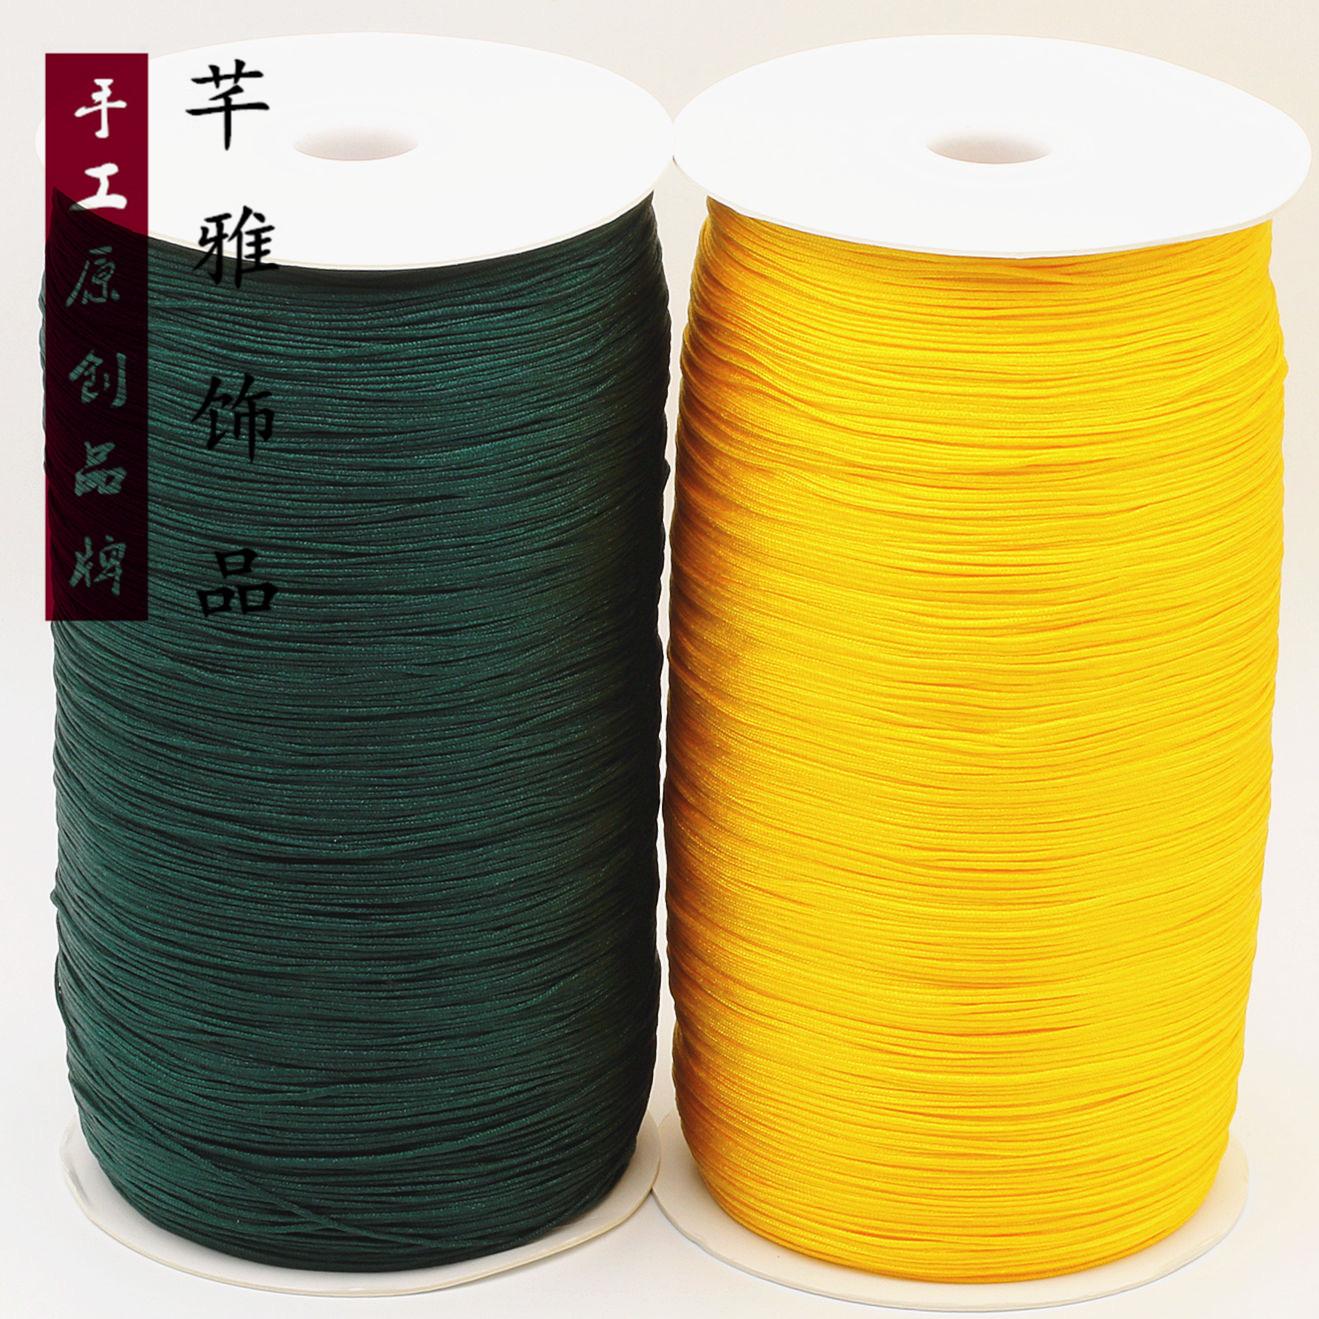 厂家直销 台湾72号线玉线中卷0.8MM大卷 DIY手工编织  促销优惠